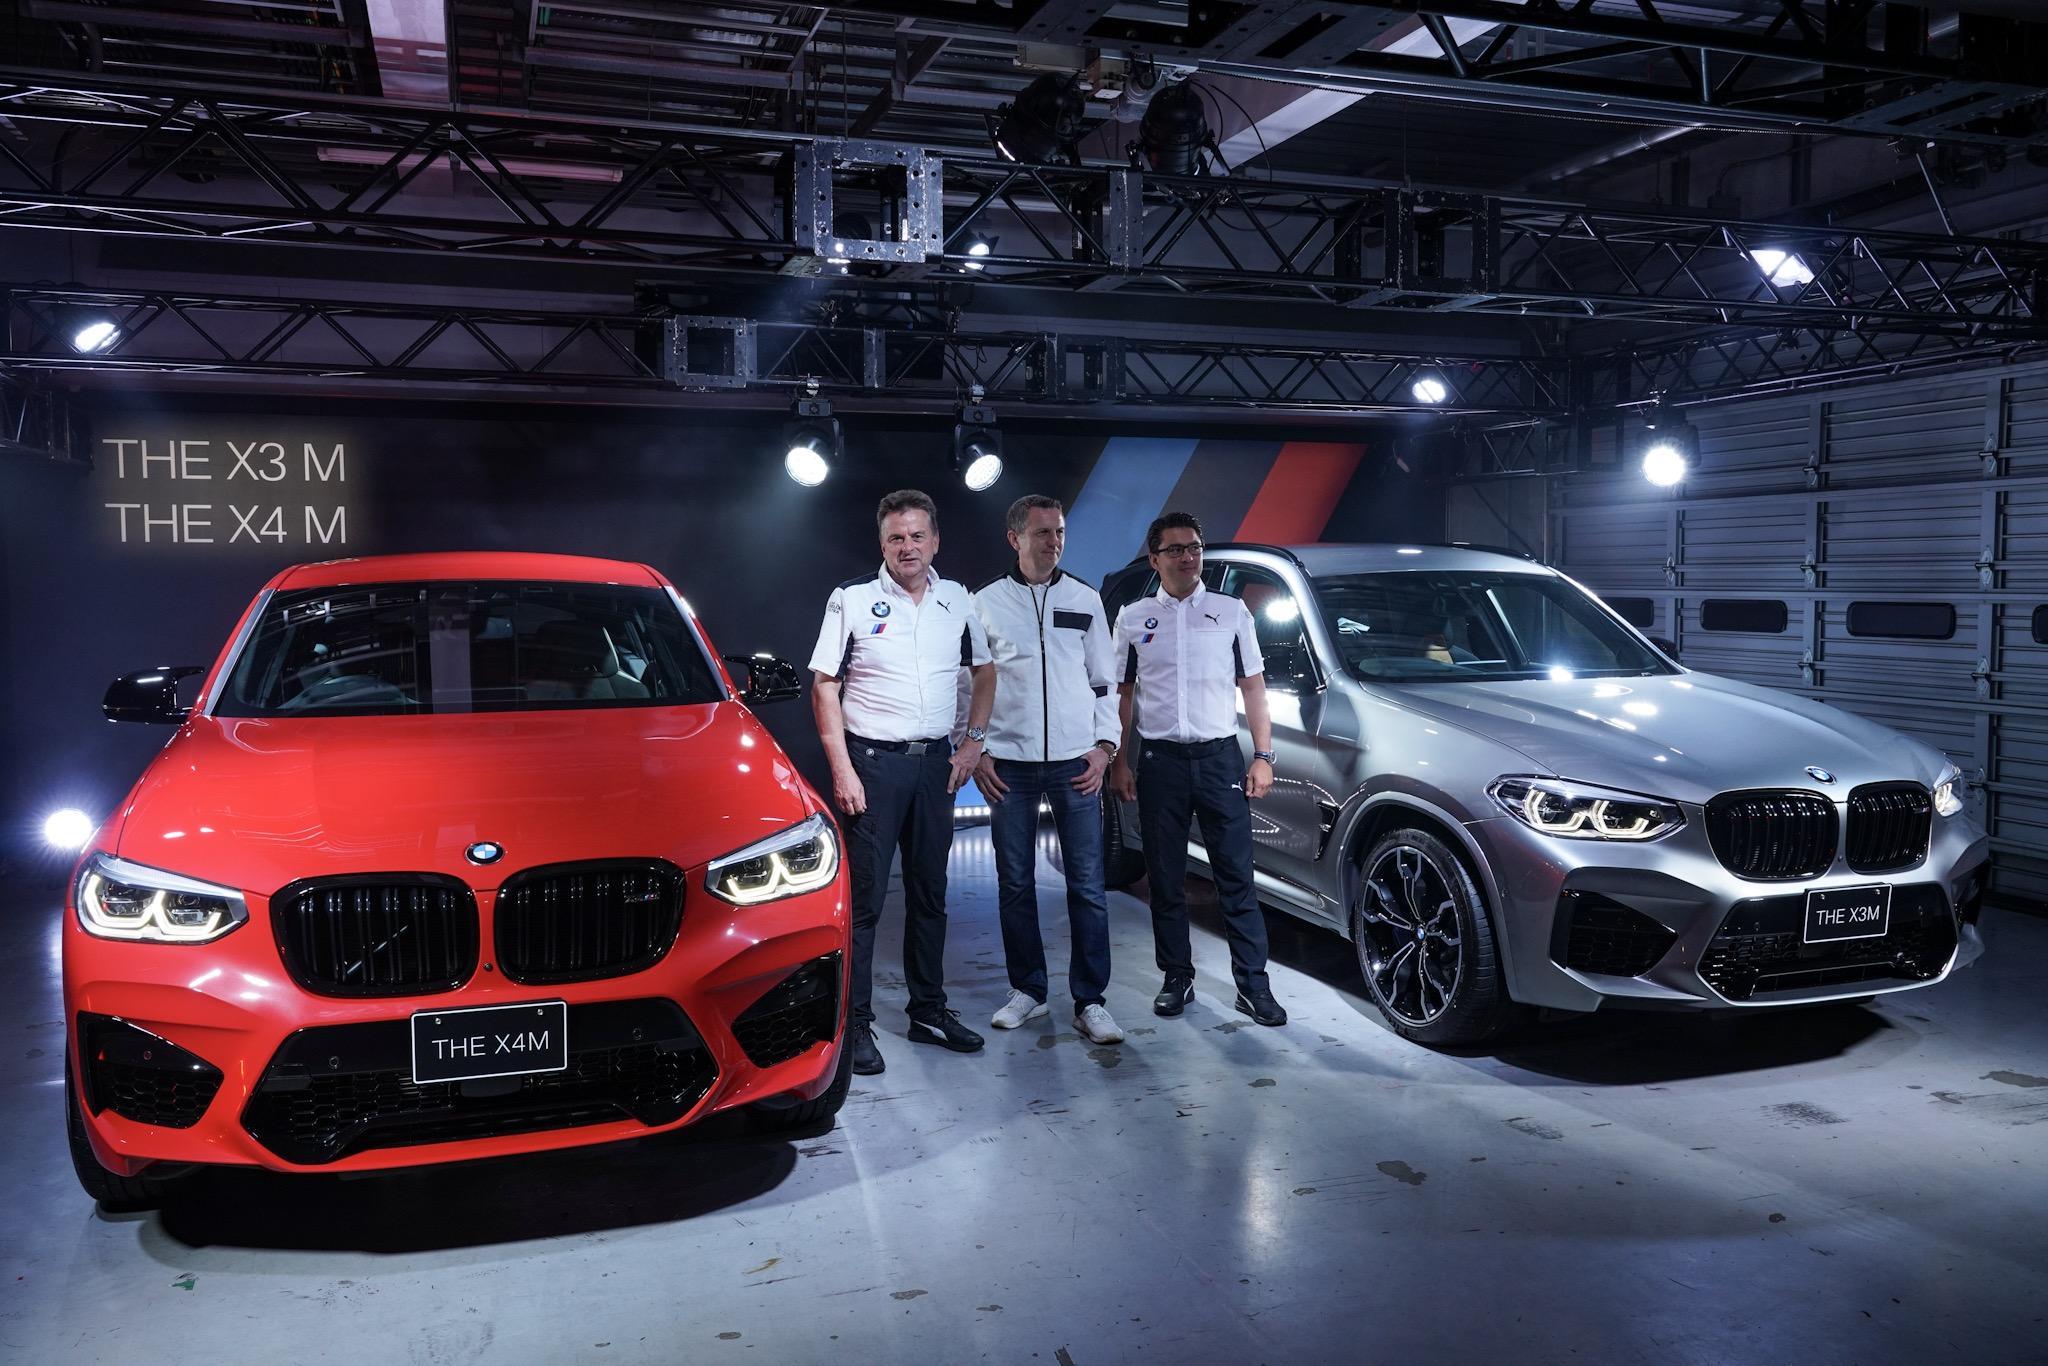 BMW X3 M/X4 M 発表会